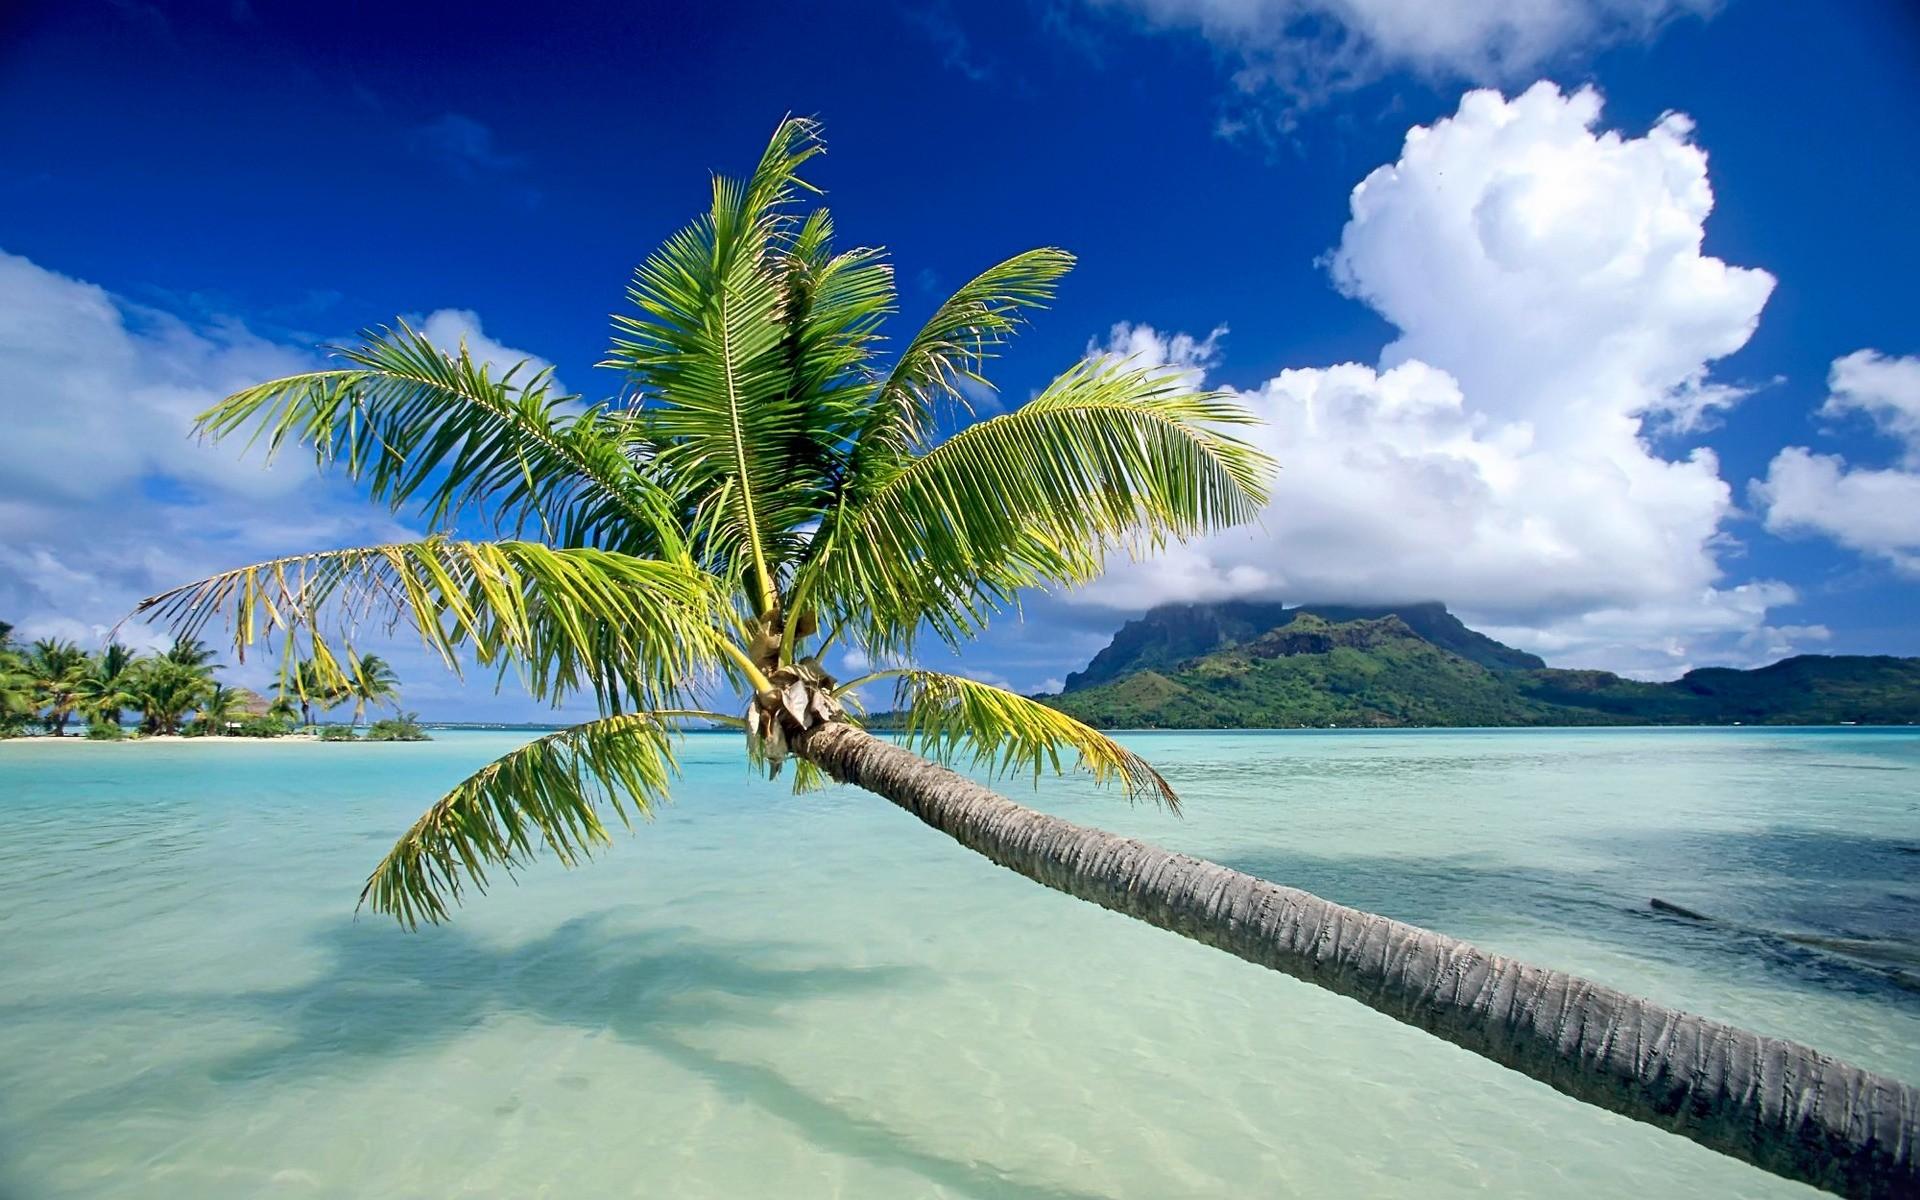 Một hòn đảo được nhìn từ bờ biển